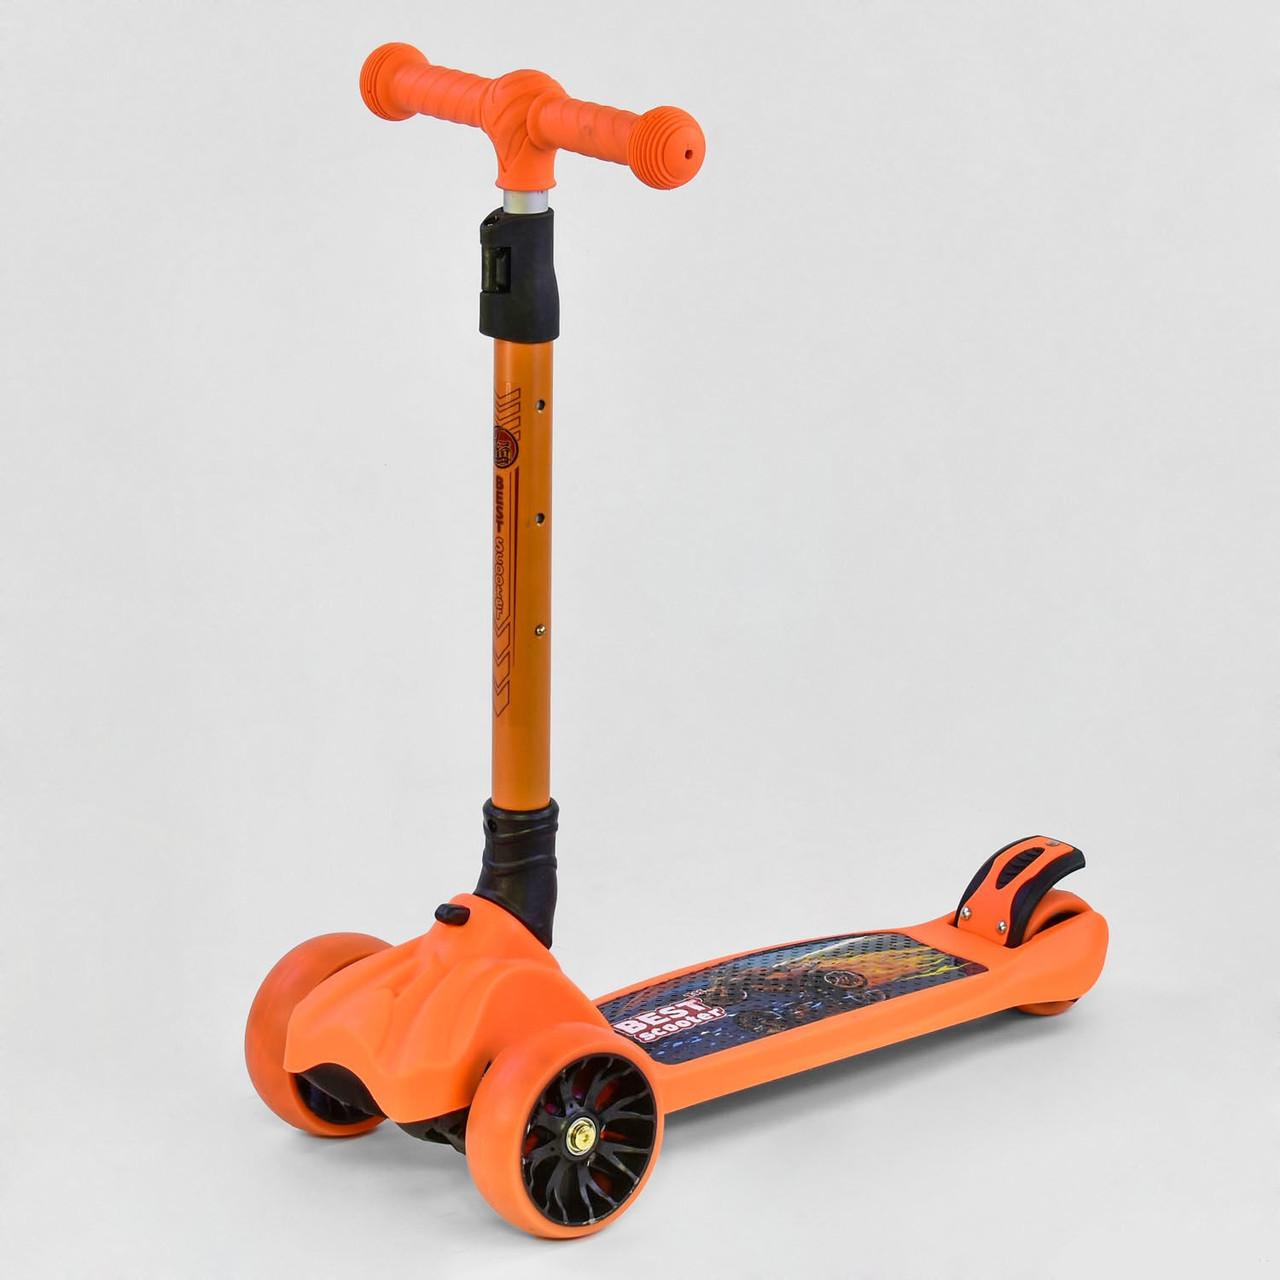 Самокат трехколесный Best Scooter F - 16770, оранжевый, складной руль, колёса PU со светом